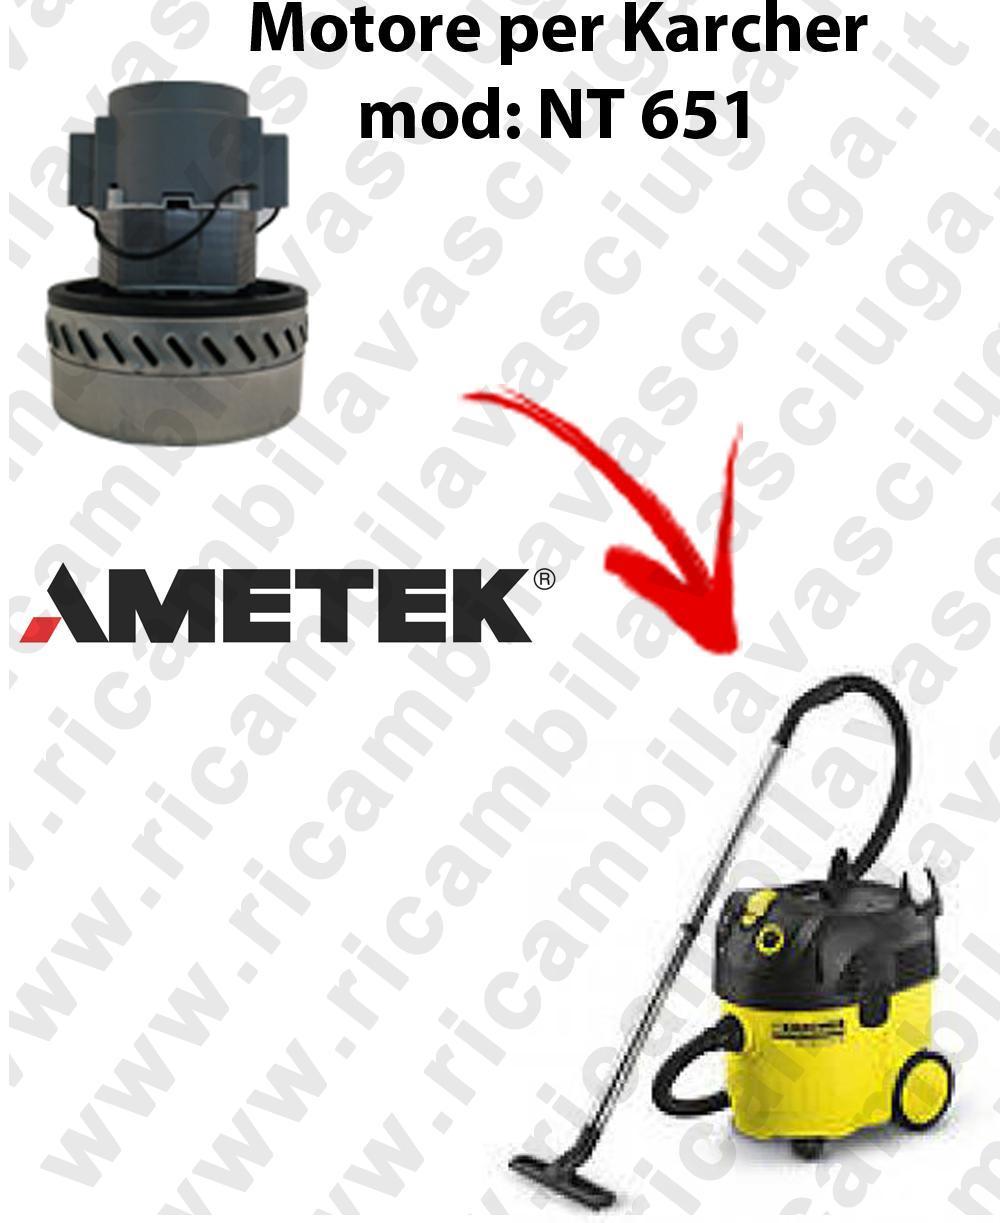 NT 651 Motore de aspiración AMETEK  para aspiradora KARCHER